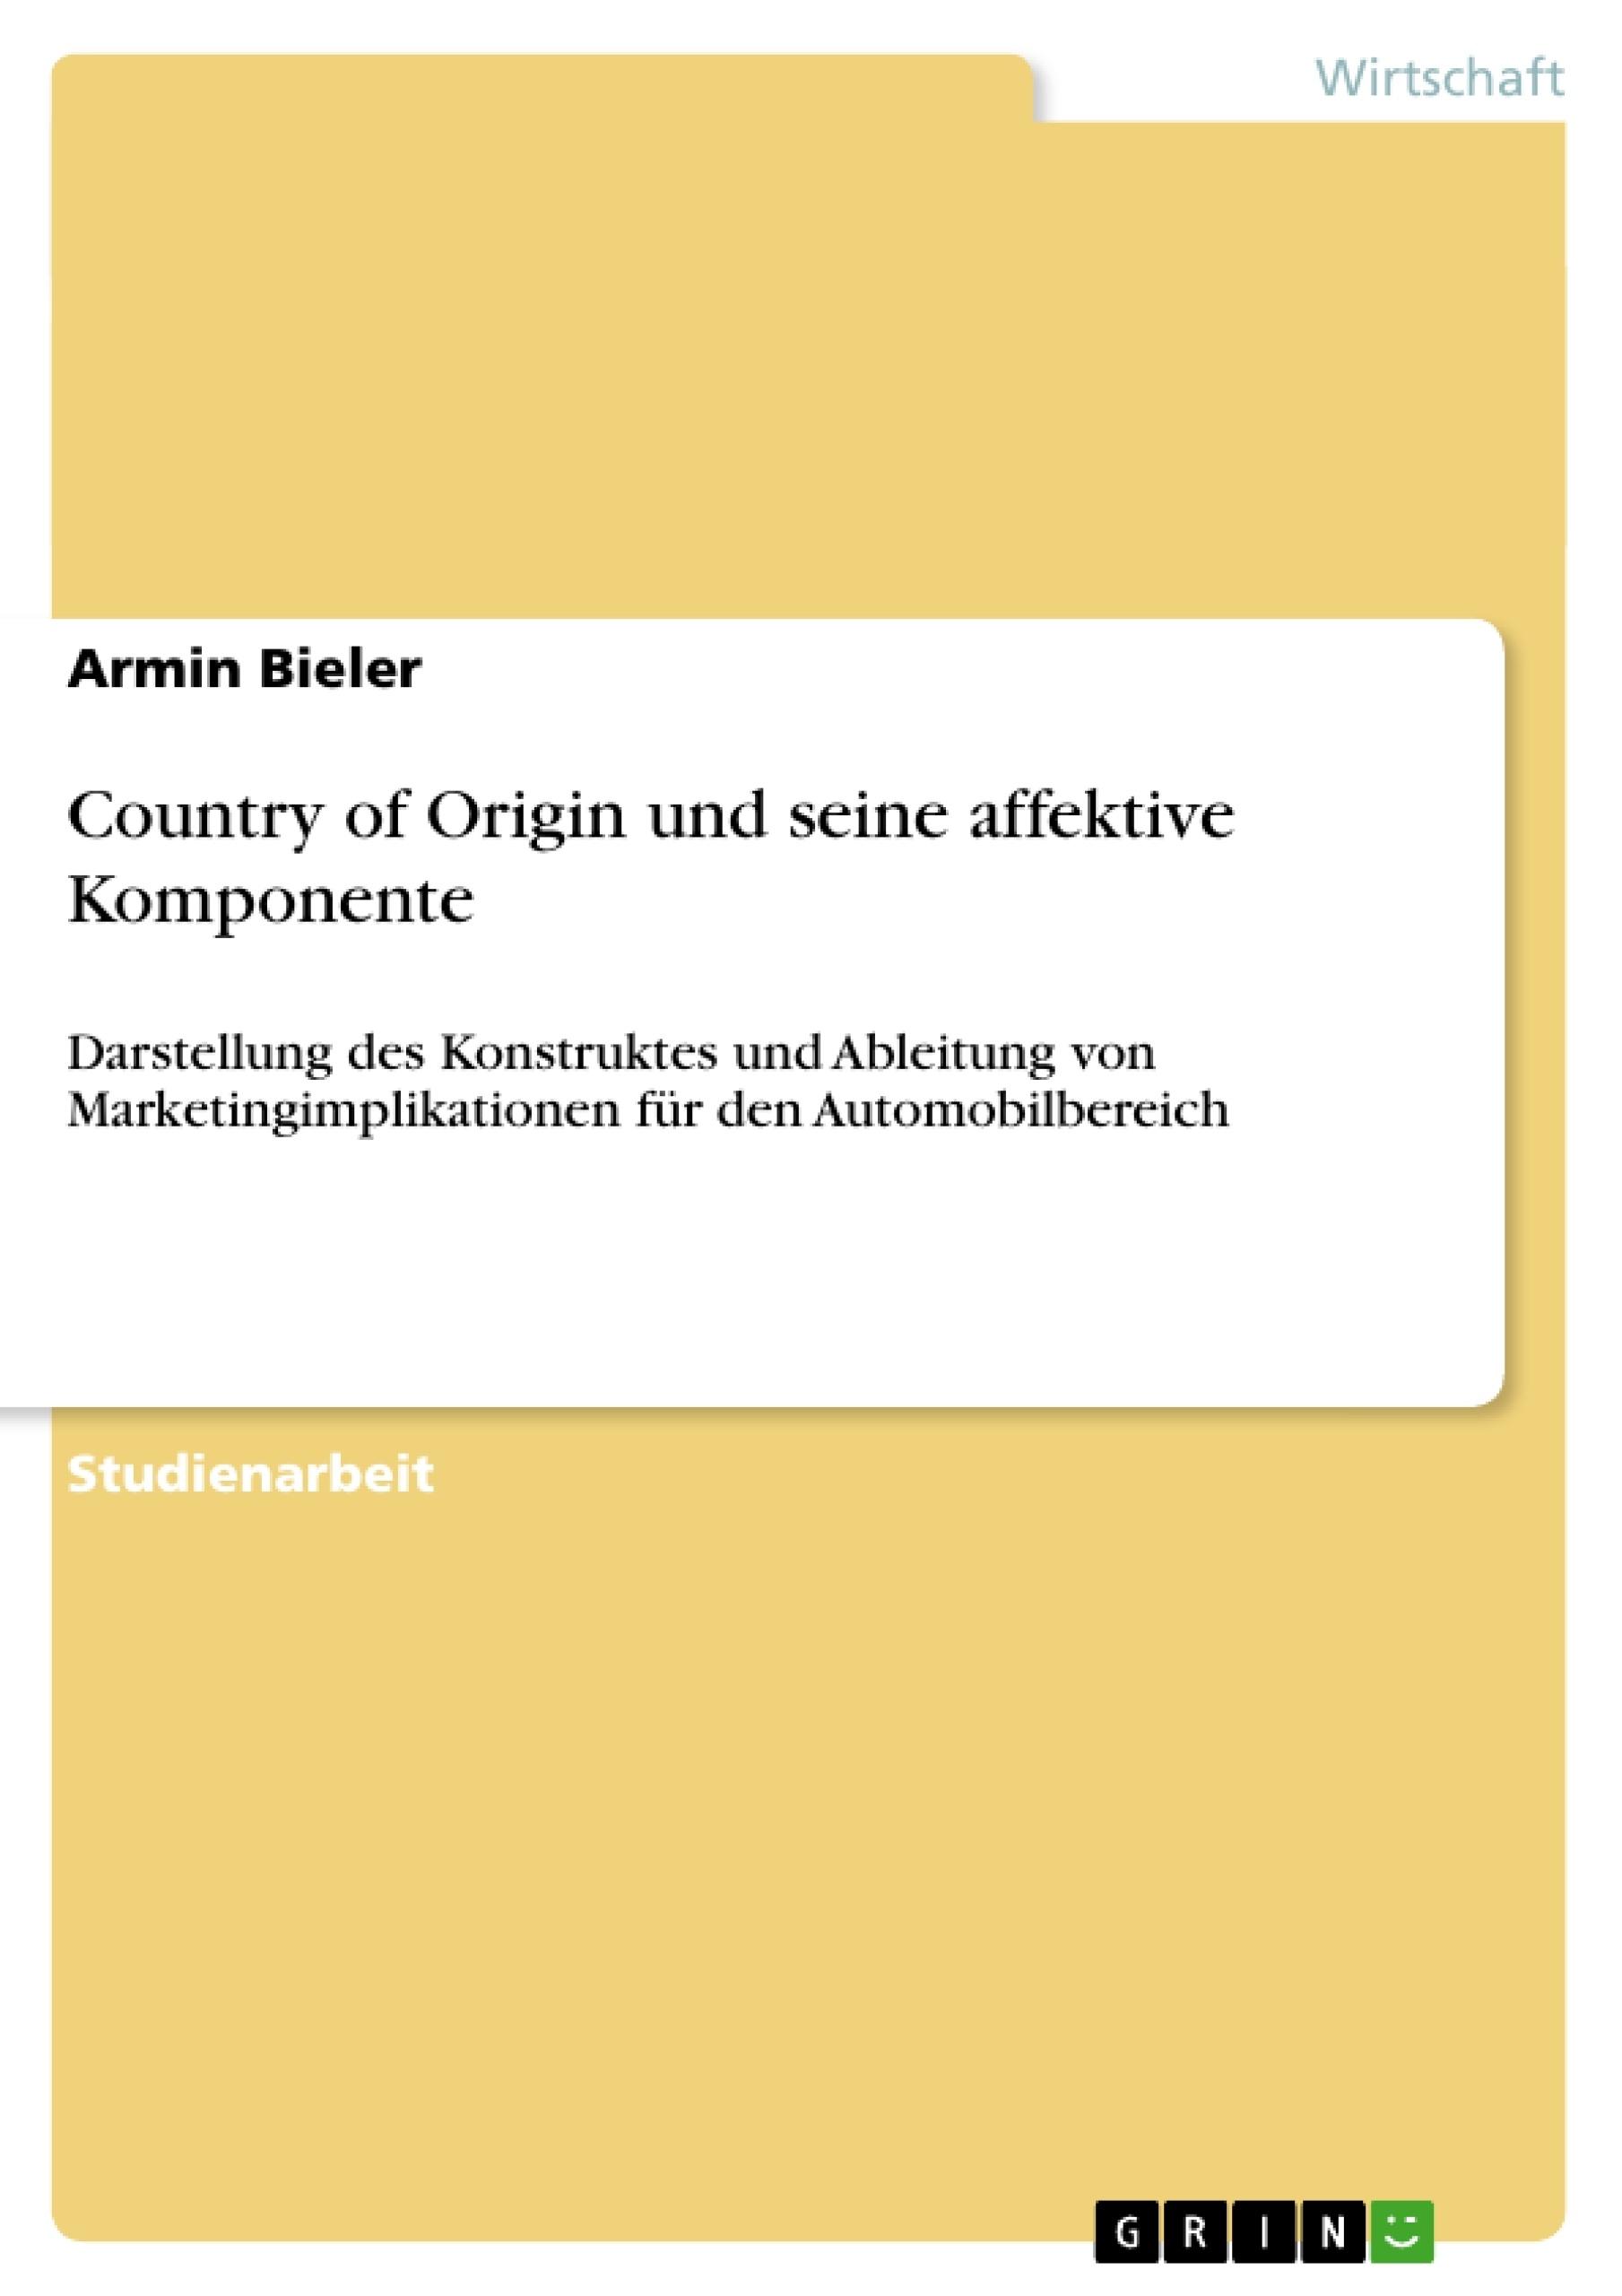 Titel: Country of Origin und seine affektive Komponente